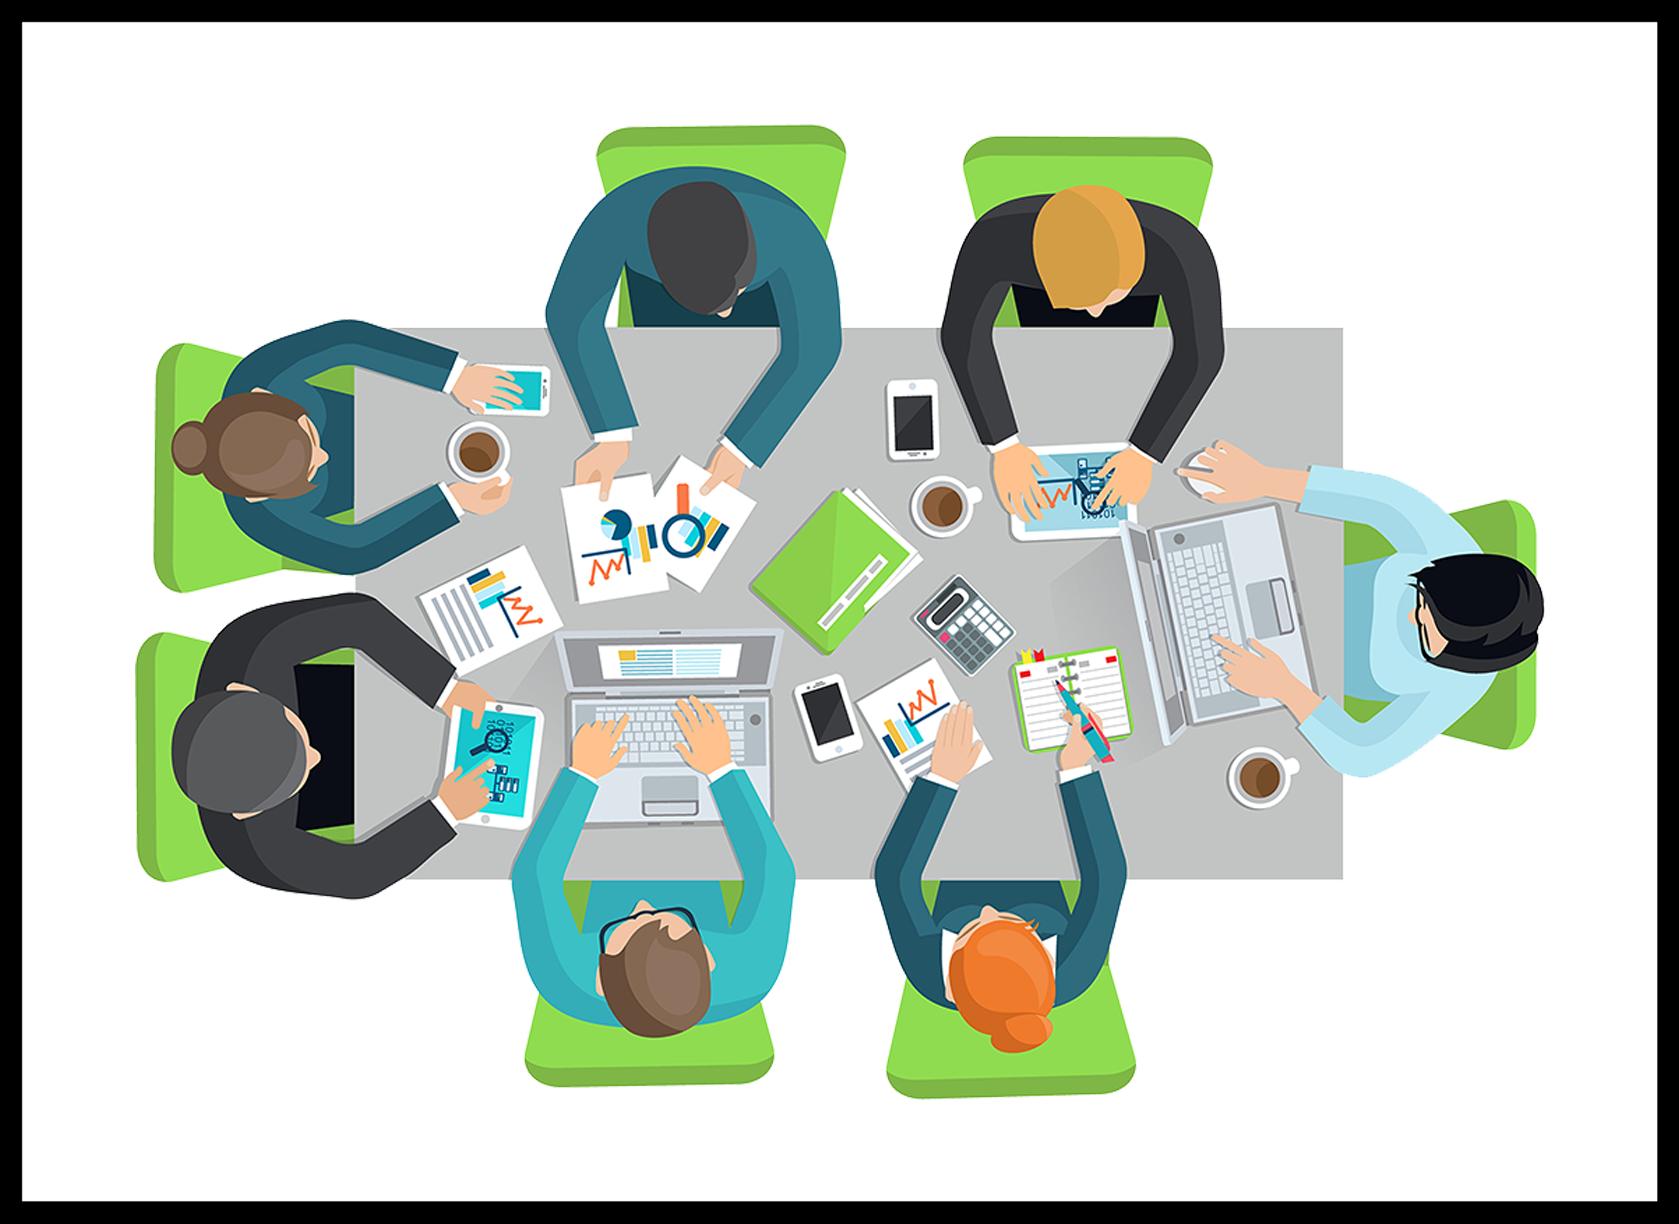 2. PANEL D'EXPERTS - Souligner l'impact positif de votre produit basé sur des données vérifiables